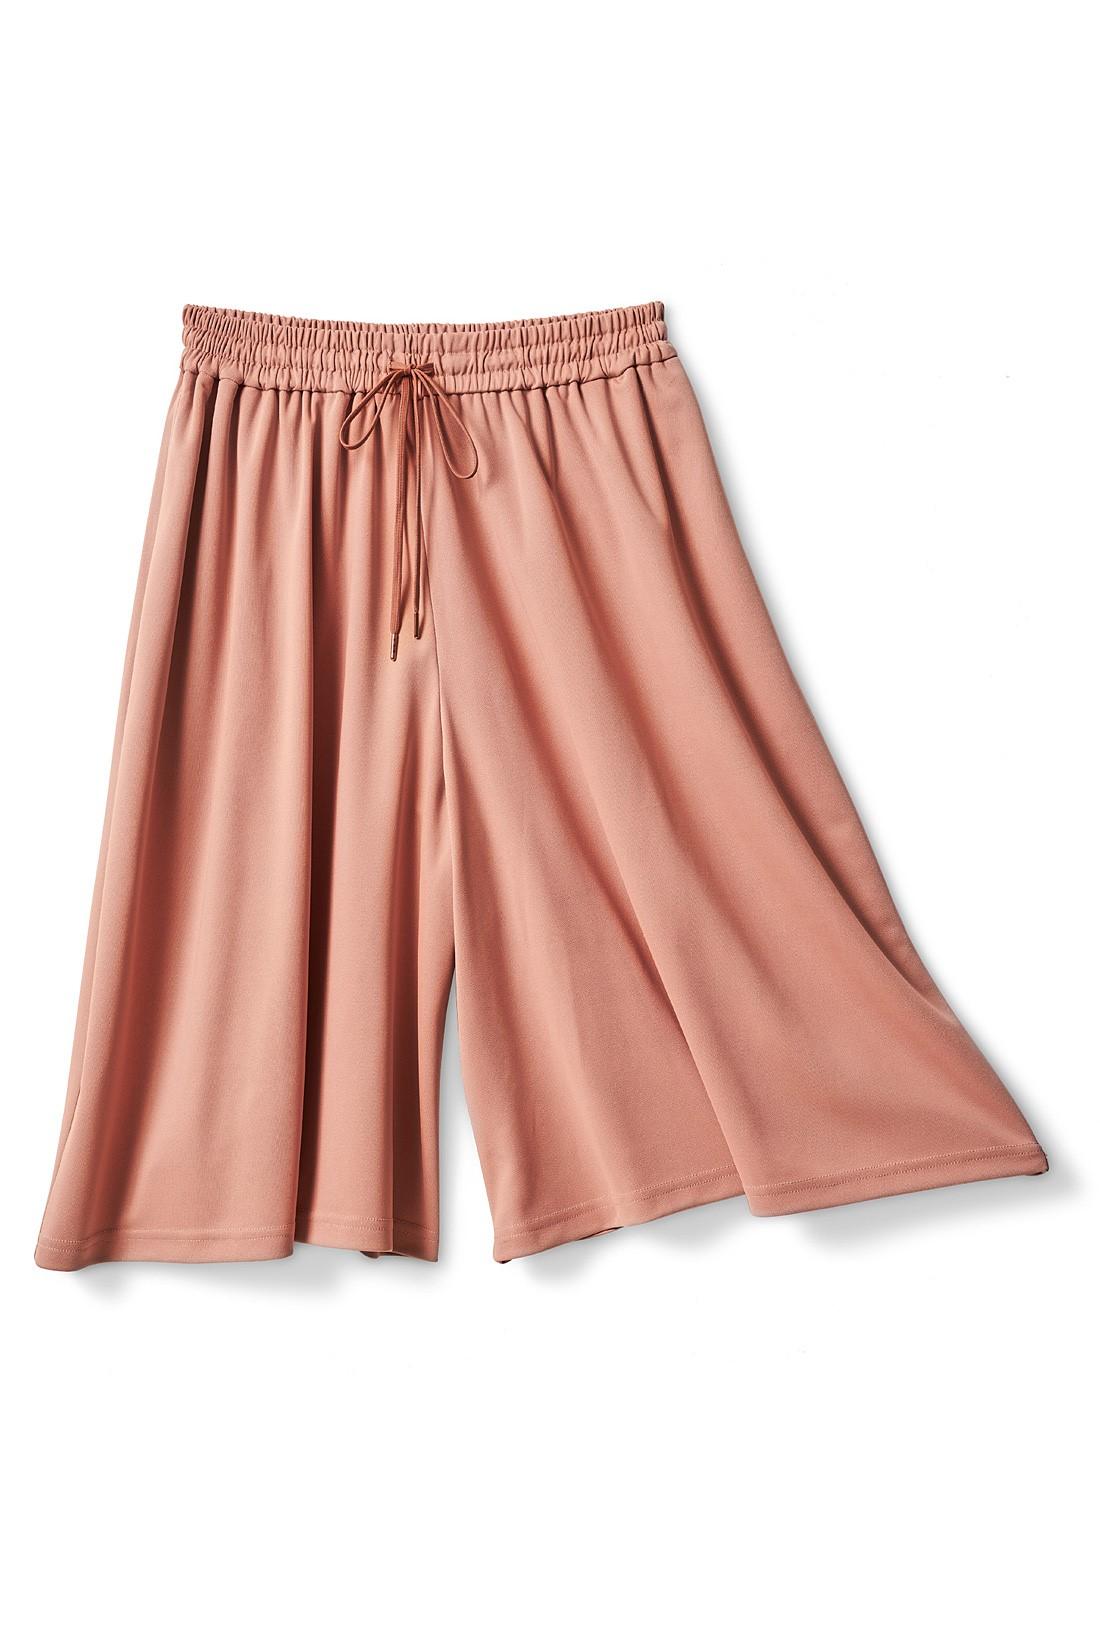 スカートの見た目で、実はパンツ。フロントのドロストデザインもアクセントに  ※お届けするカラーとは異なります。